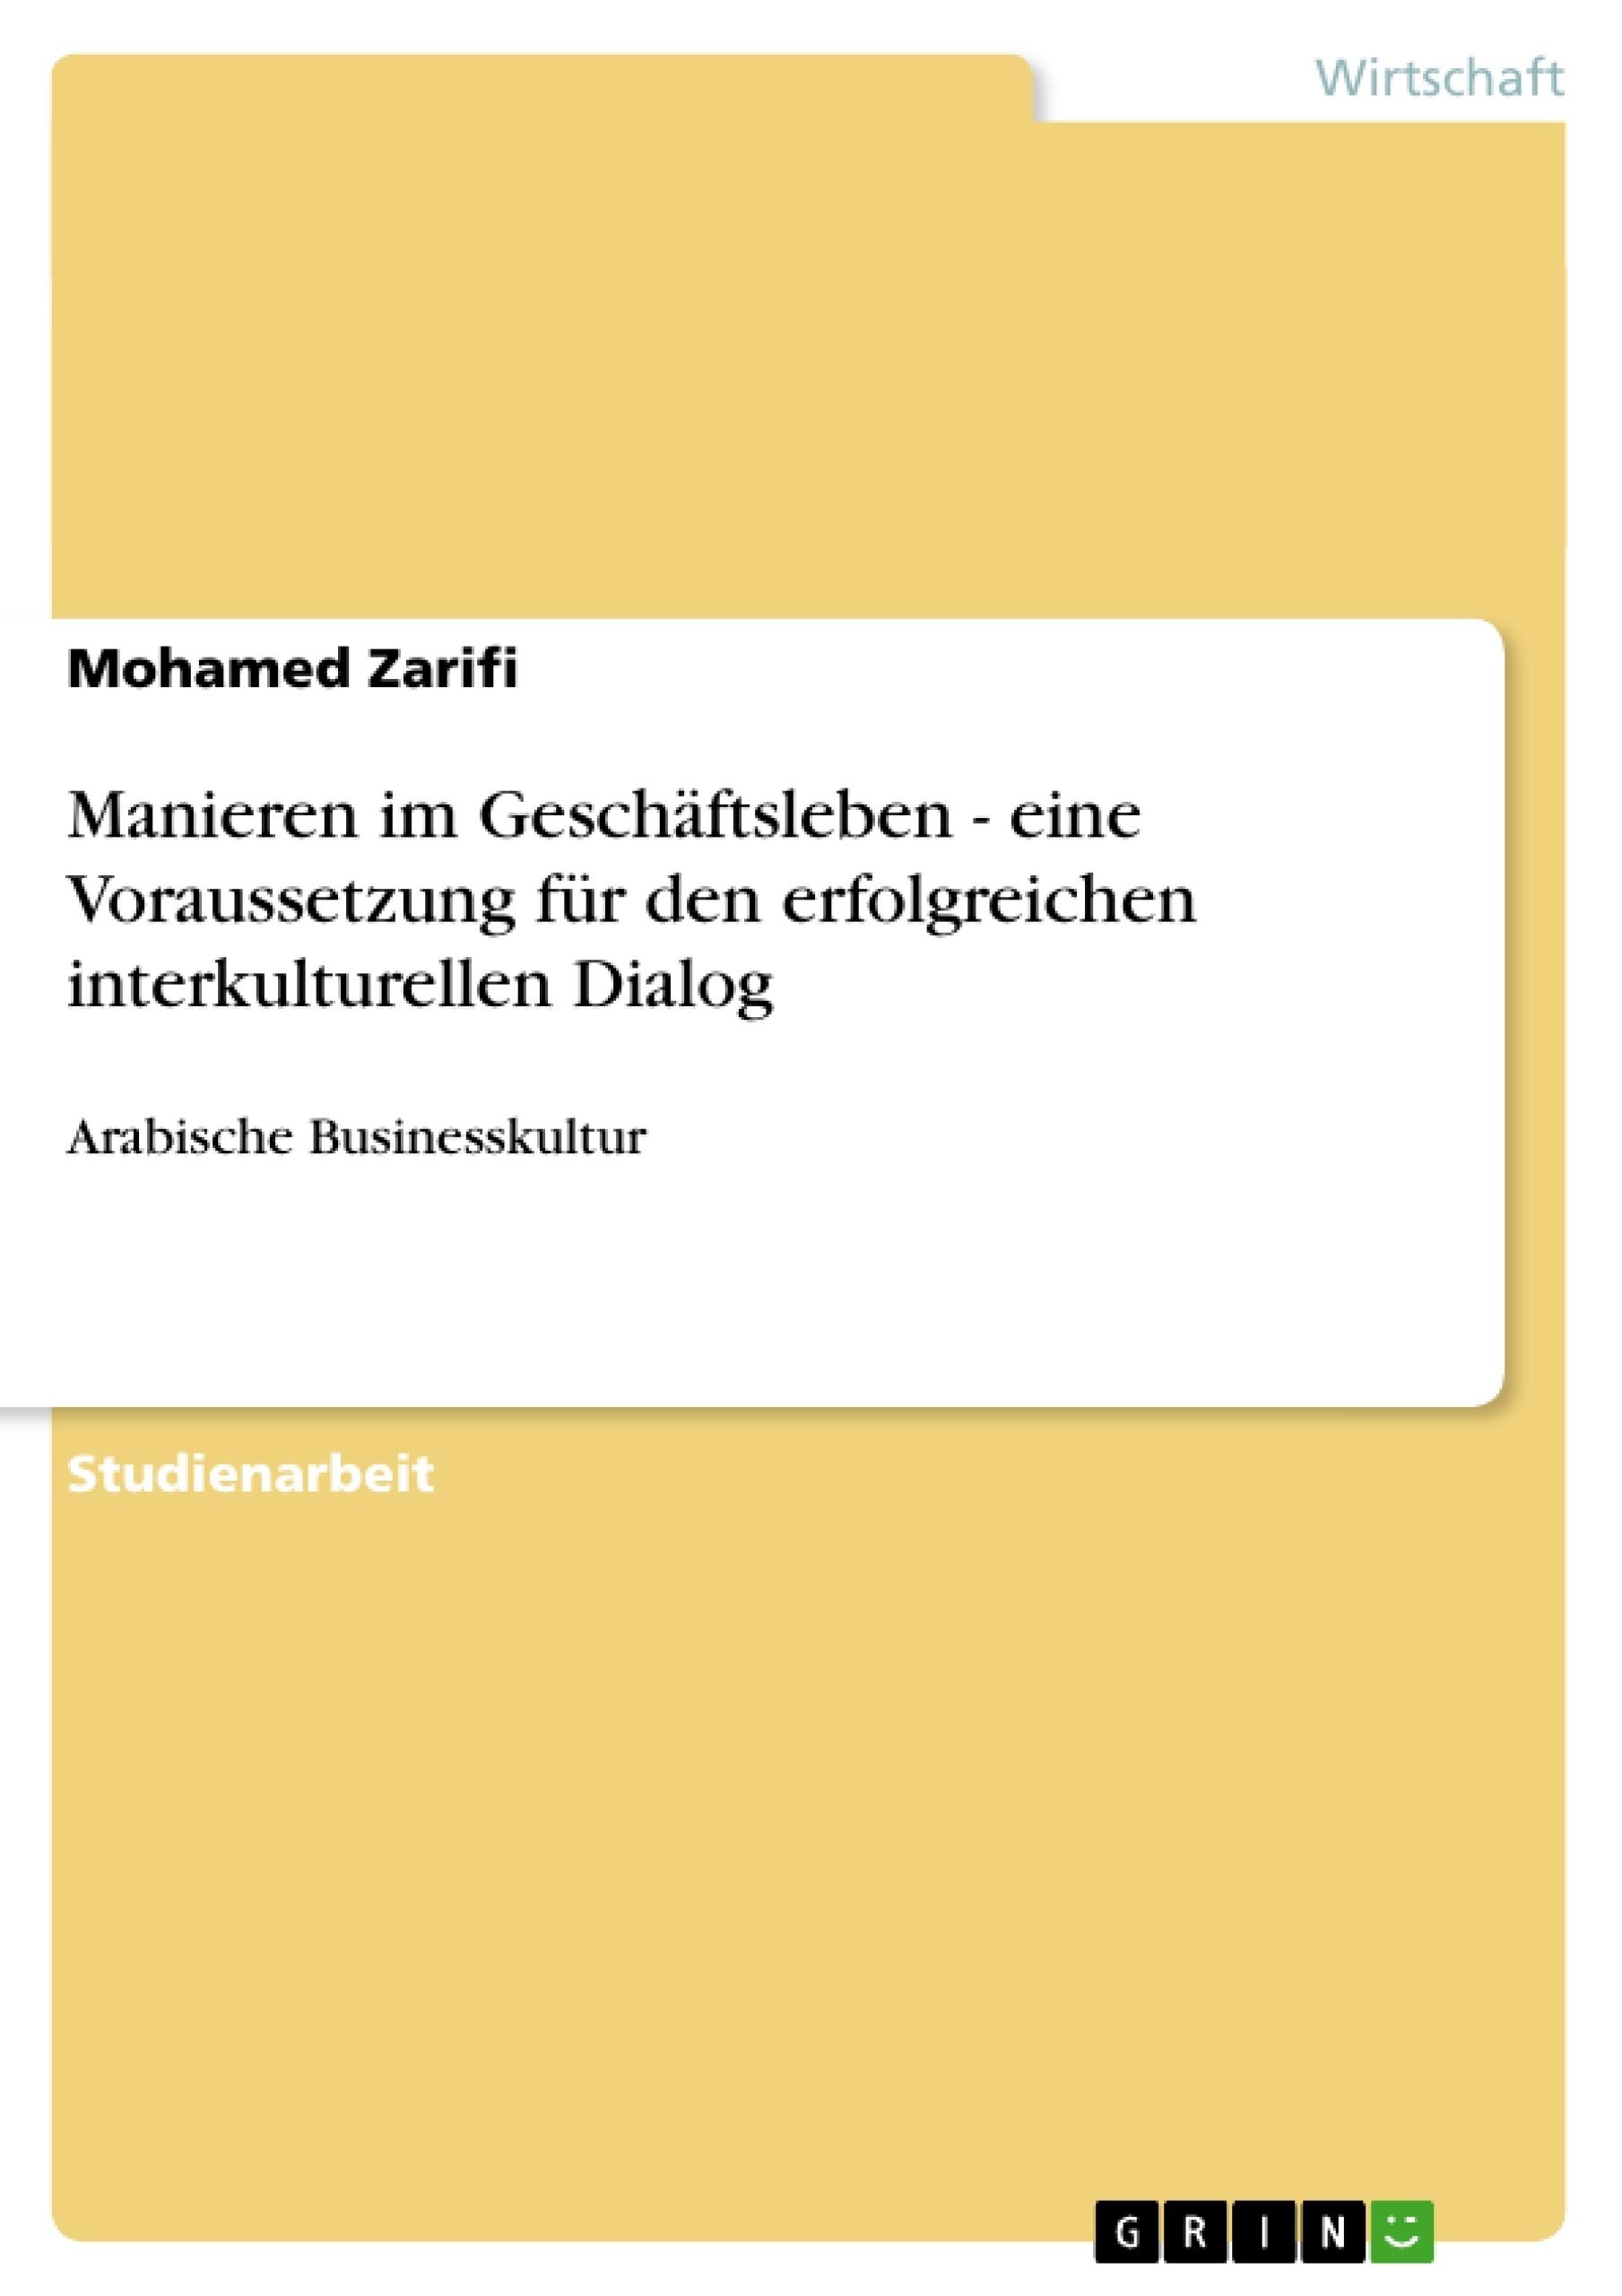 Titel: Manieren im Geschäftsleben - eine Voraussetzung für den erfolgreichen interkulturellen Dialog